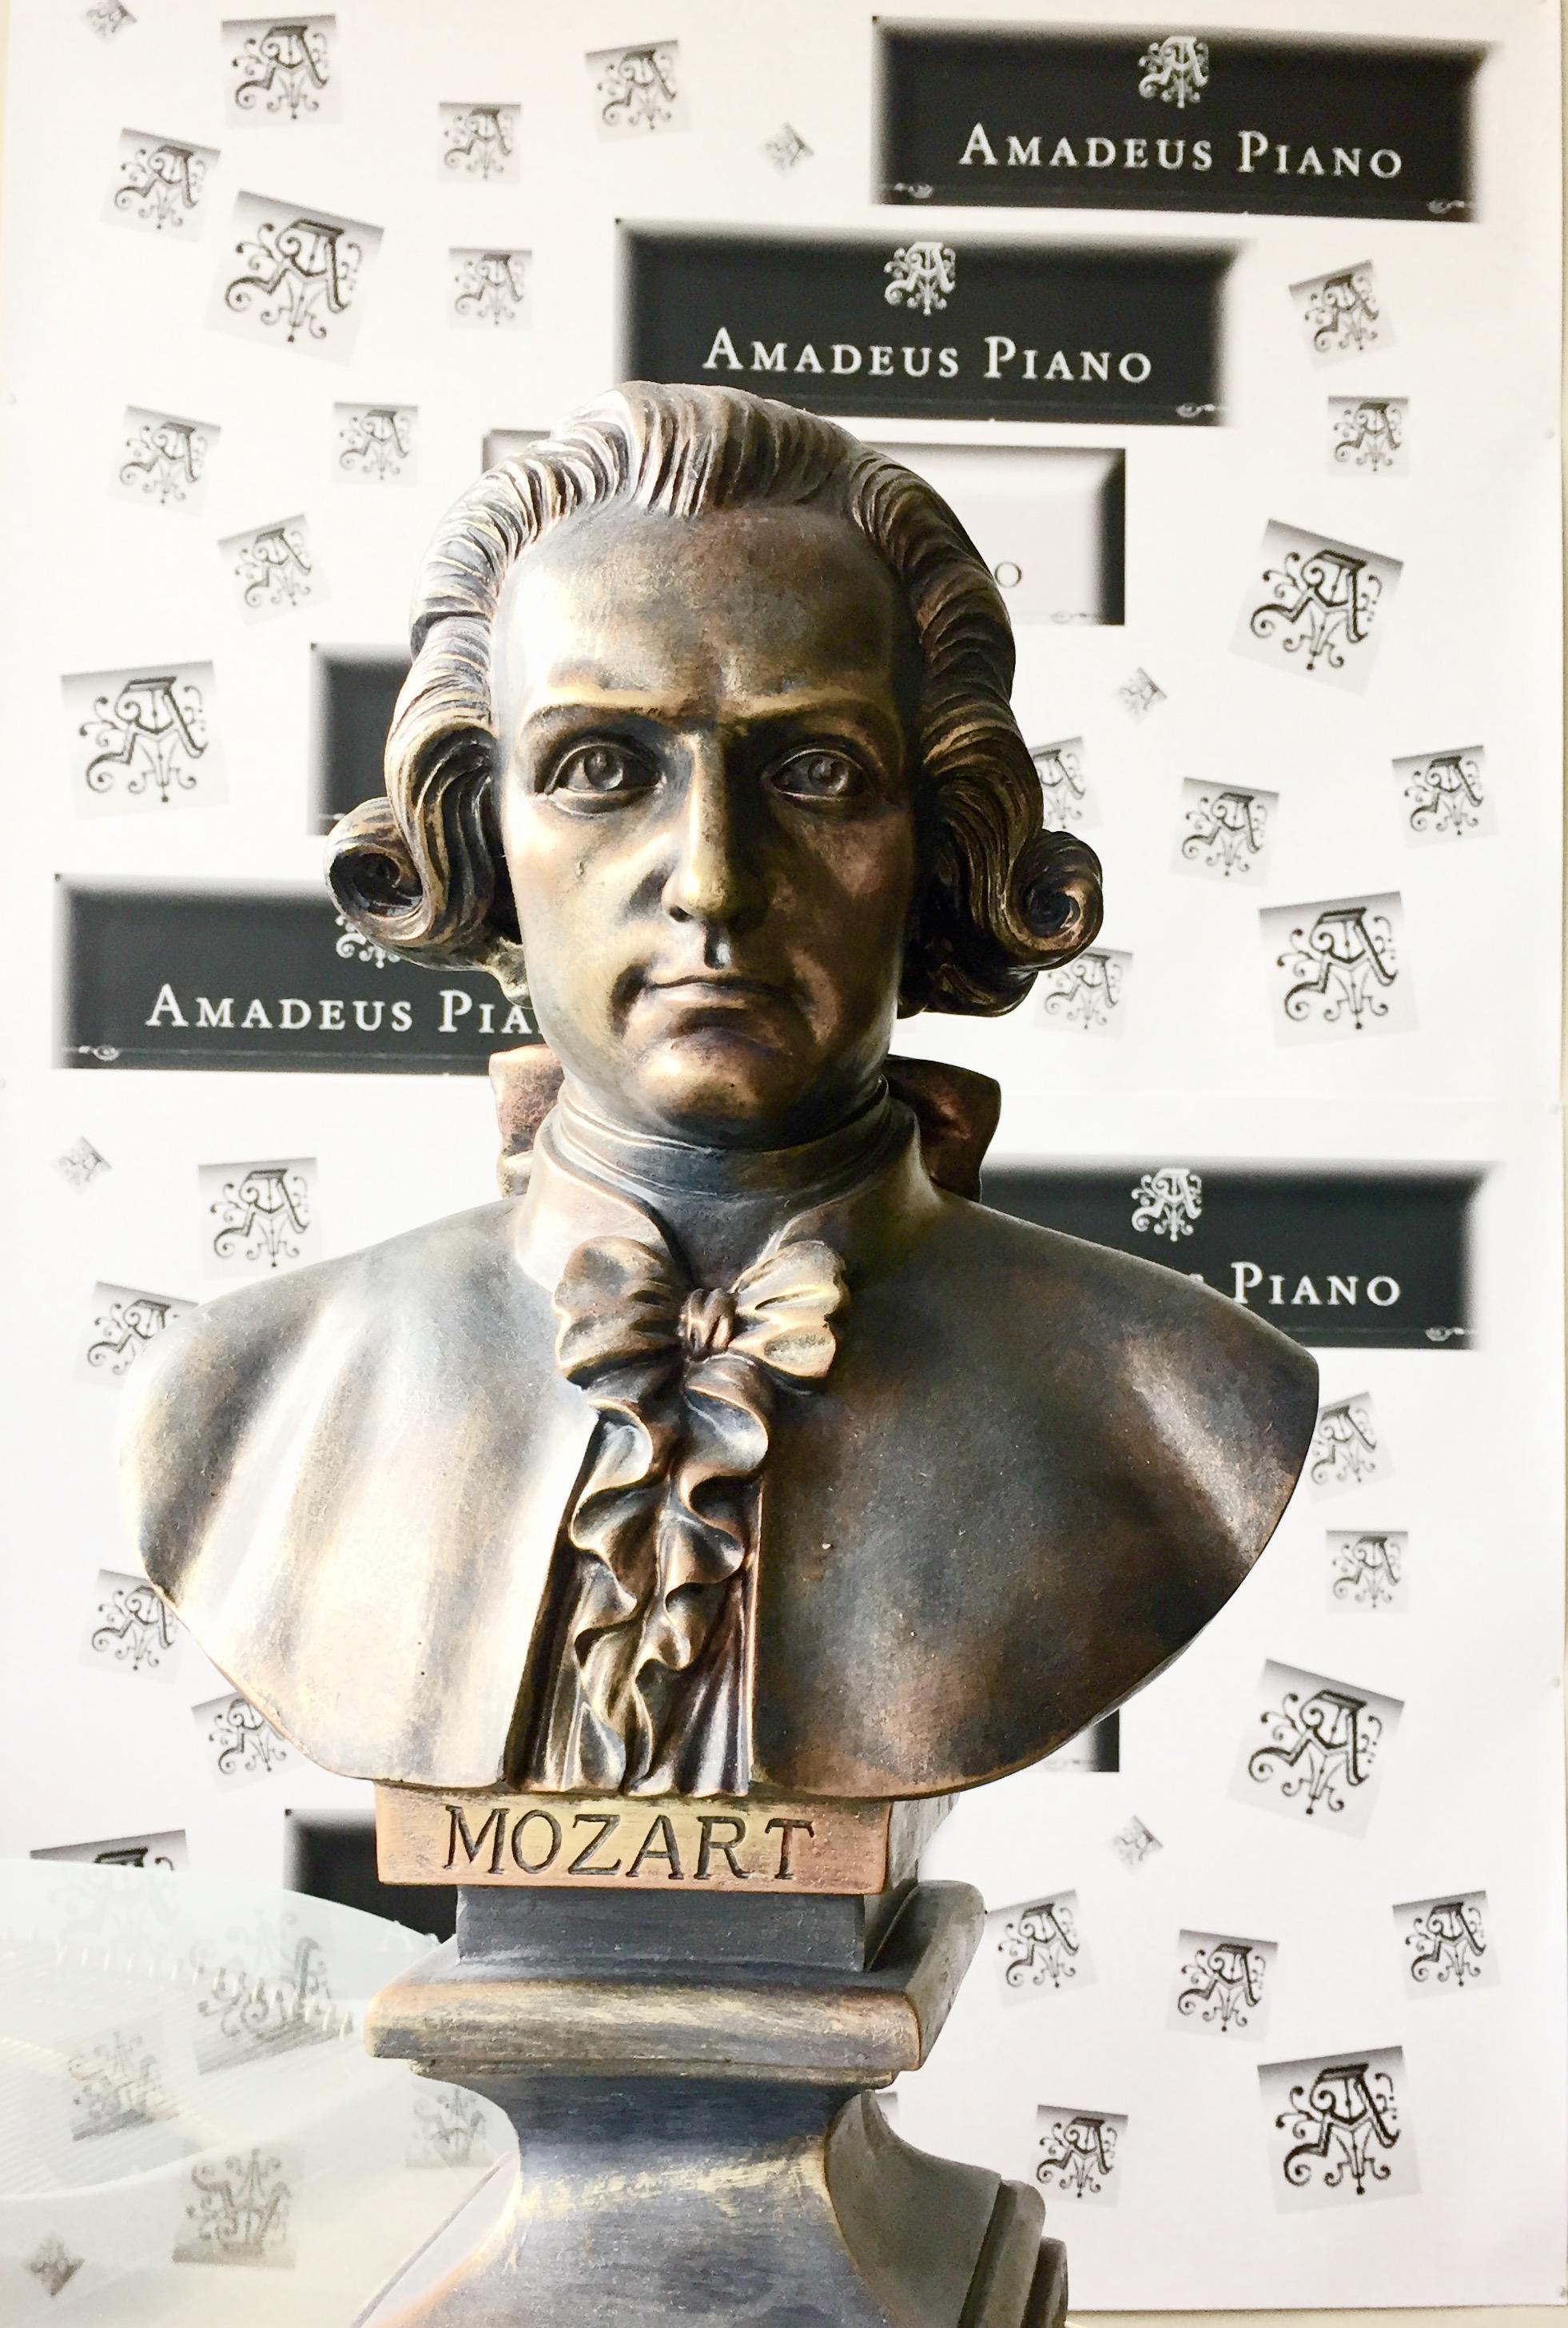 Amadeus Piano Co., LLC